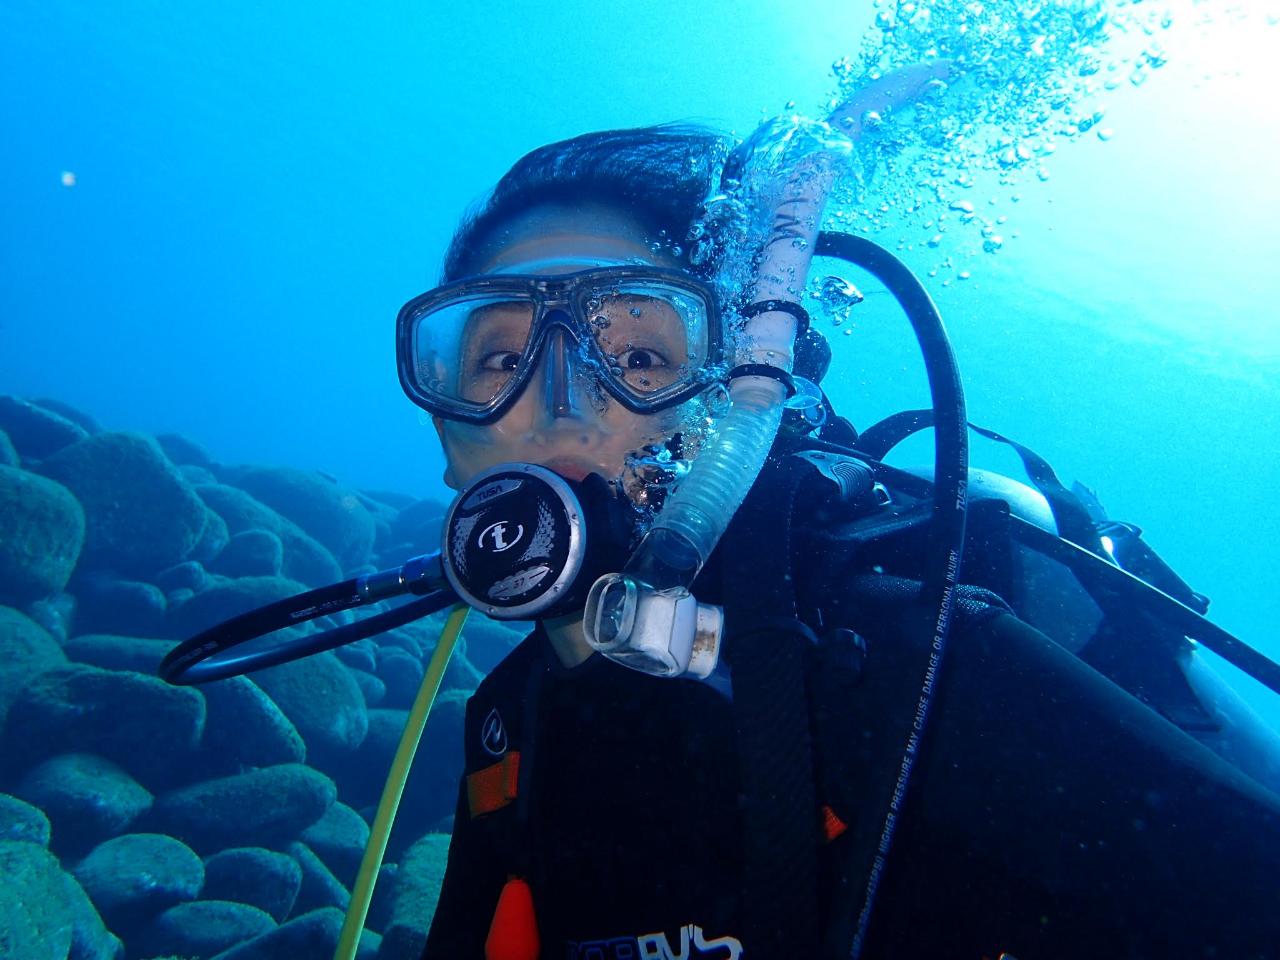 【初めての方大歓迎☆体験ダイビング】◆\安全第一で1ダイブ/海のきれいな伊豆で潜...